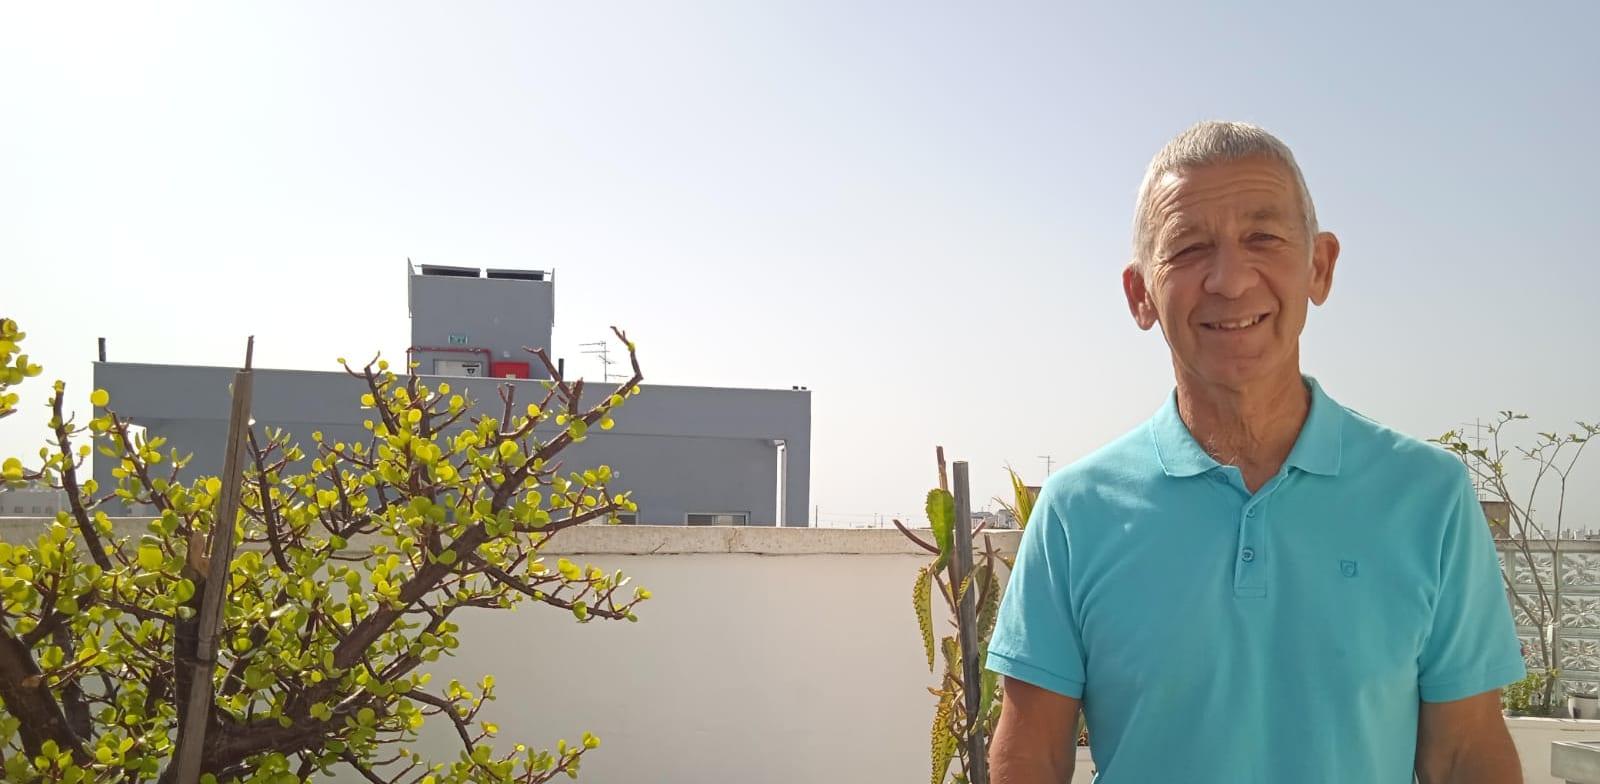 חיים פלדמן , כייף חיים הפקת ימי כייף / צילום: טל פלדמן